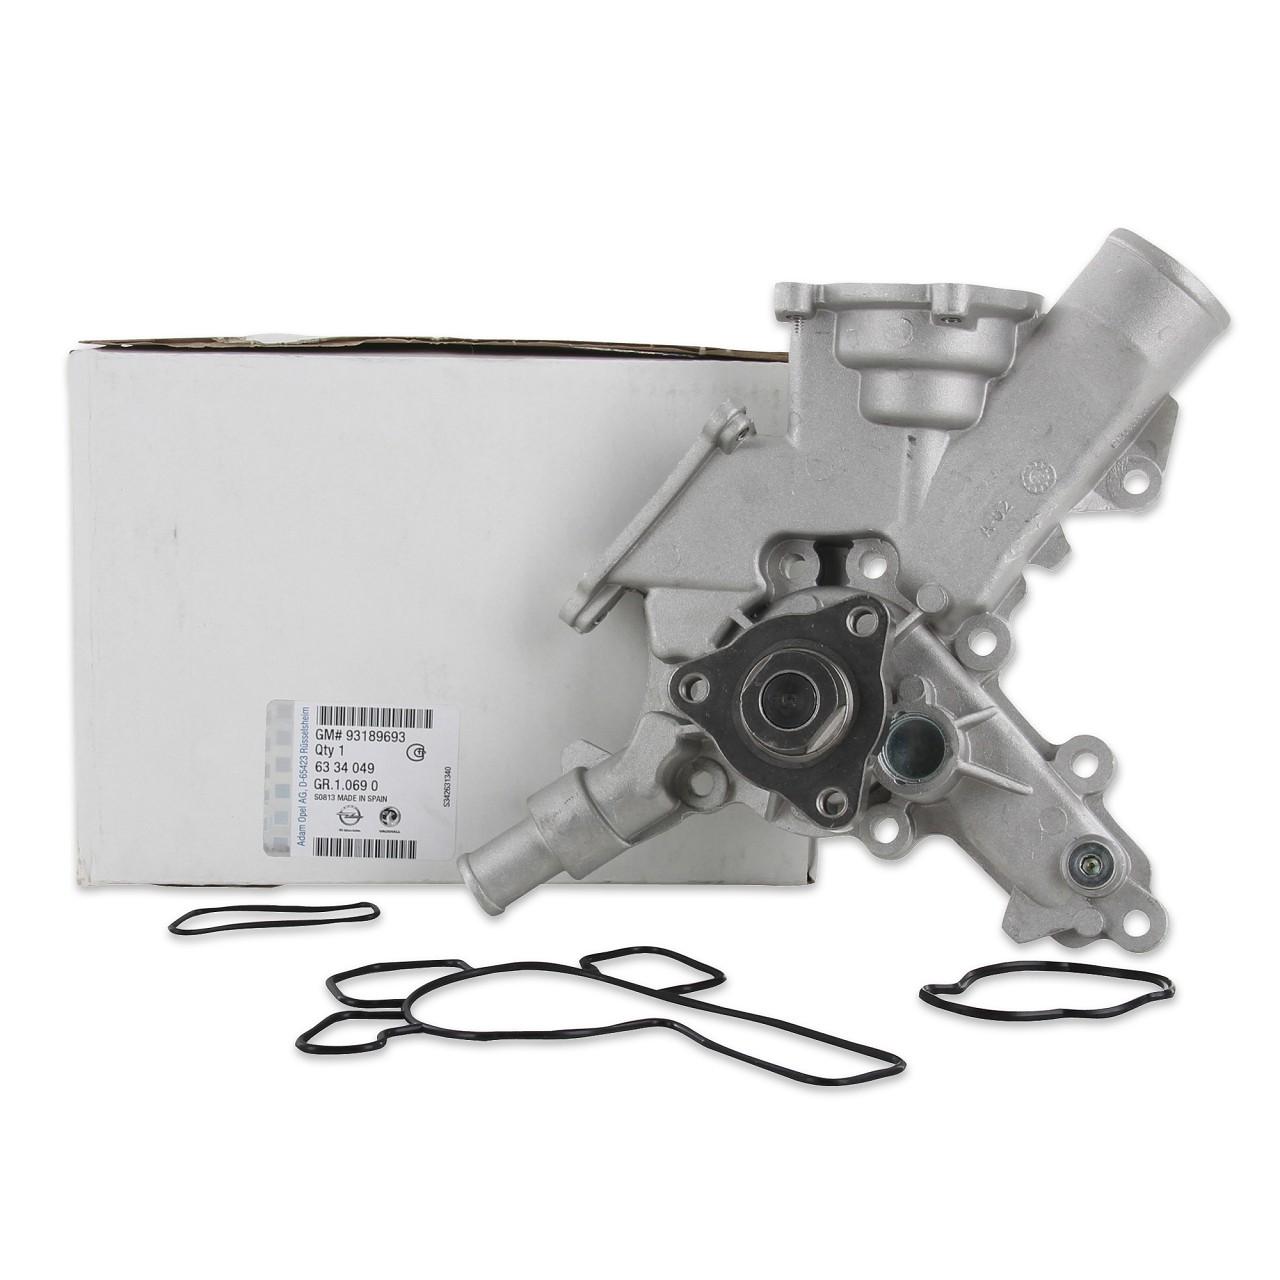 ORIGINAL GM Opel Wasserpumpe inkl. Dichtungen Z10XE/XEP Z12XE/XEP 6334049